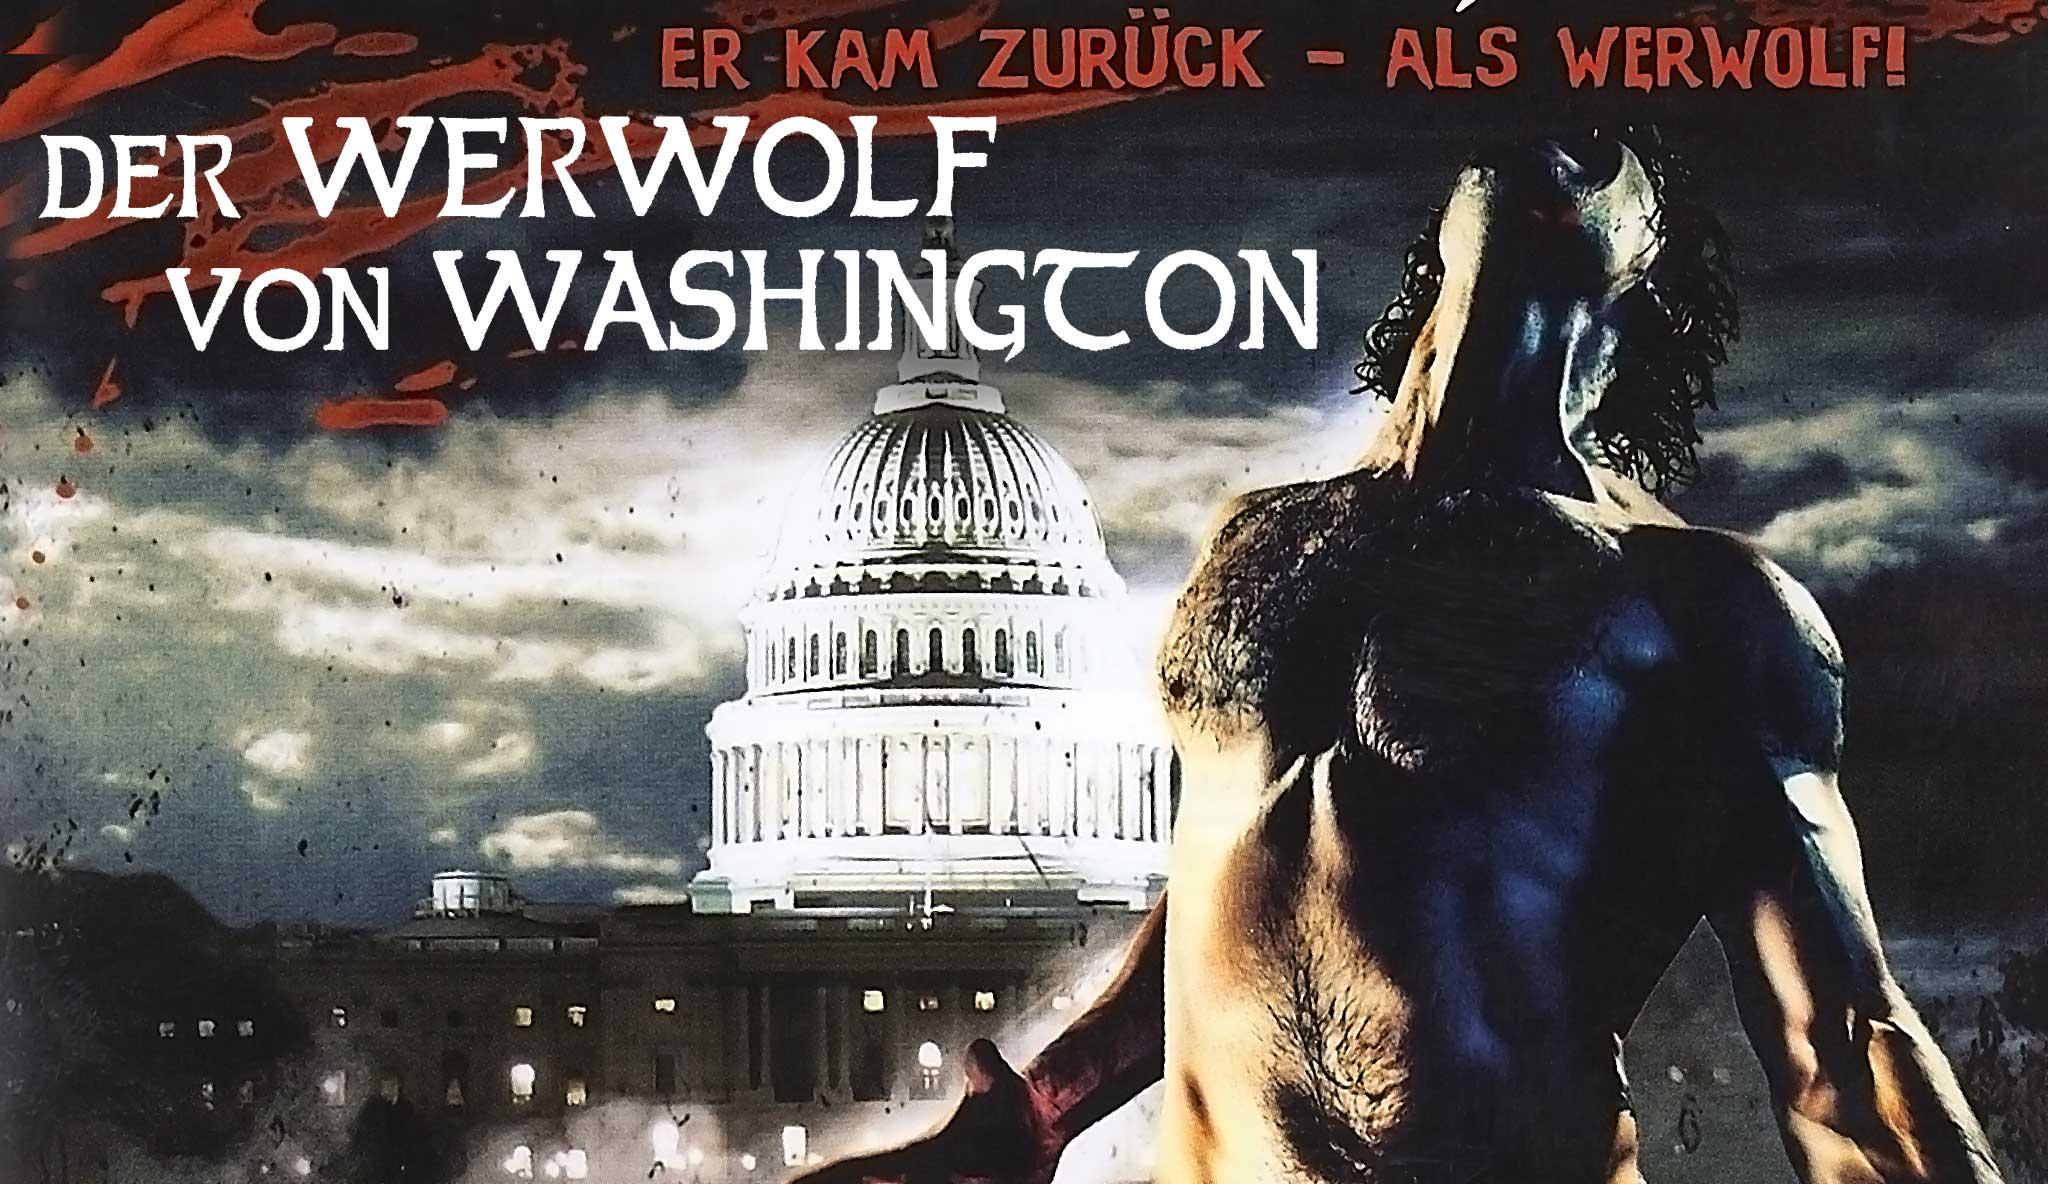 der-werwolf-von-washington\header.jpg